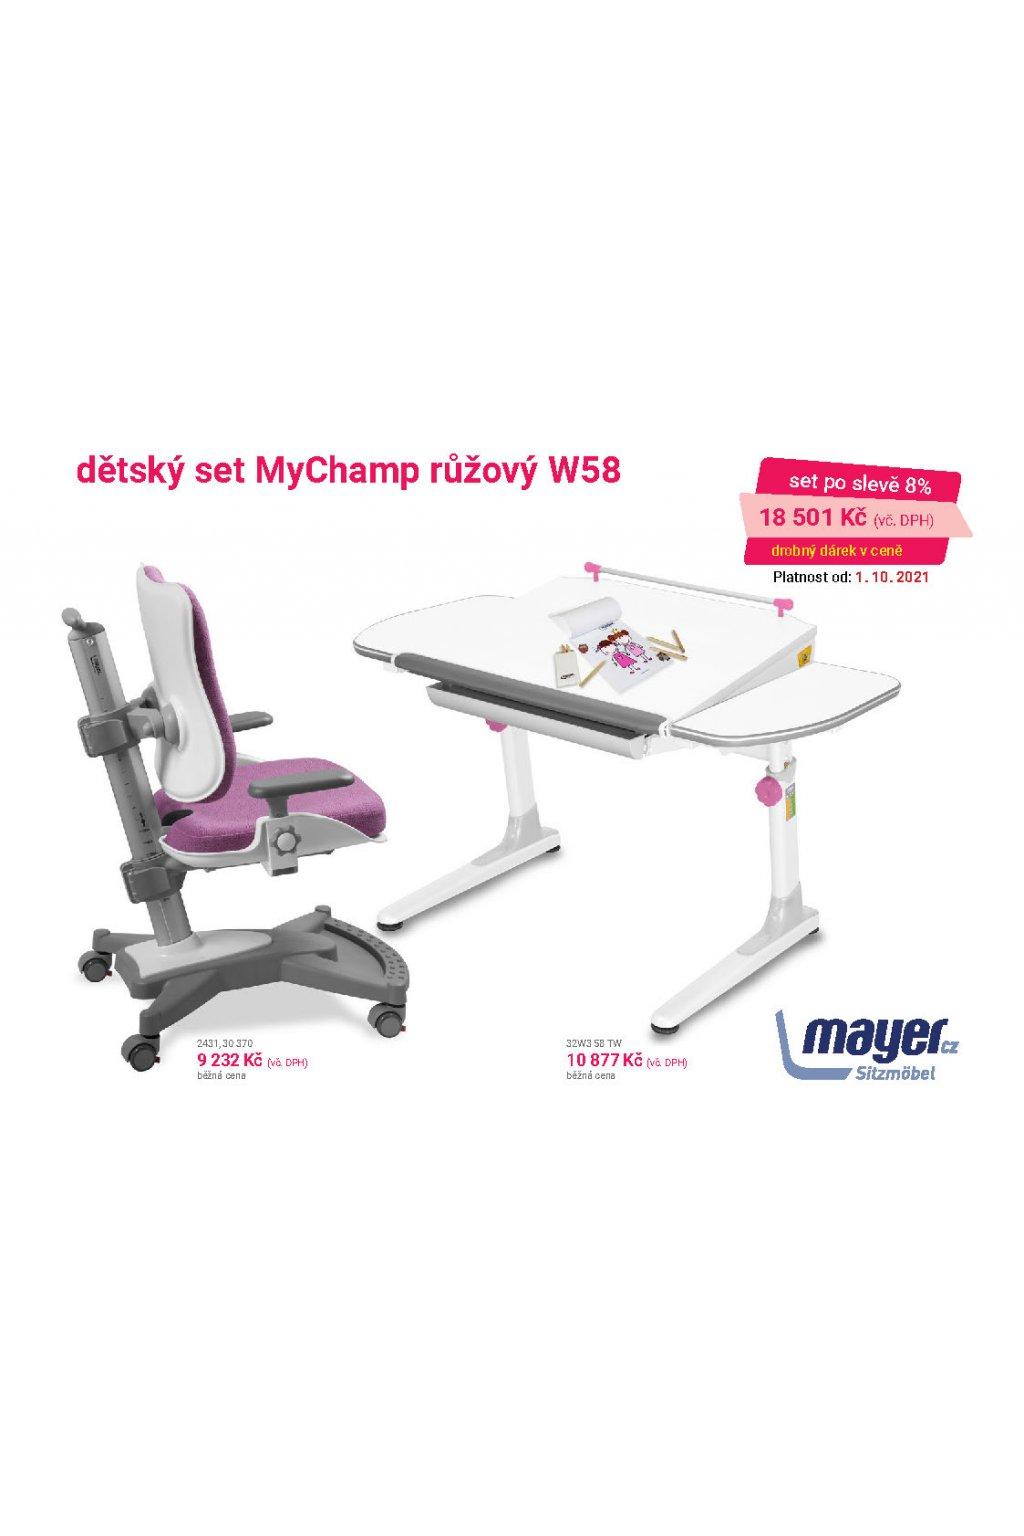 MAYER CZ KIDS set MyChamp růžový W58 CZK 2021 10